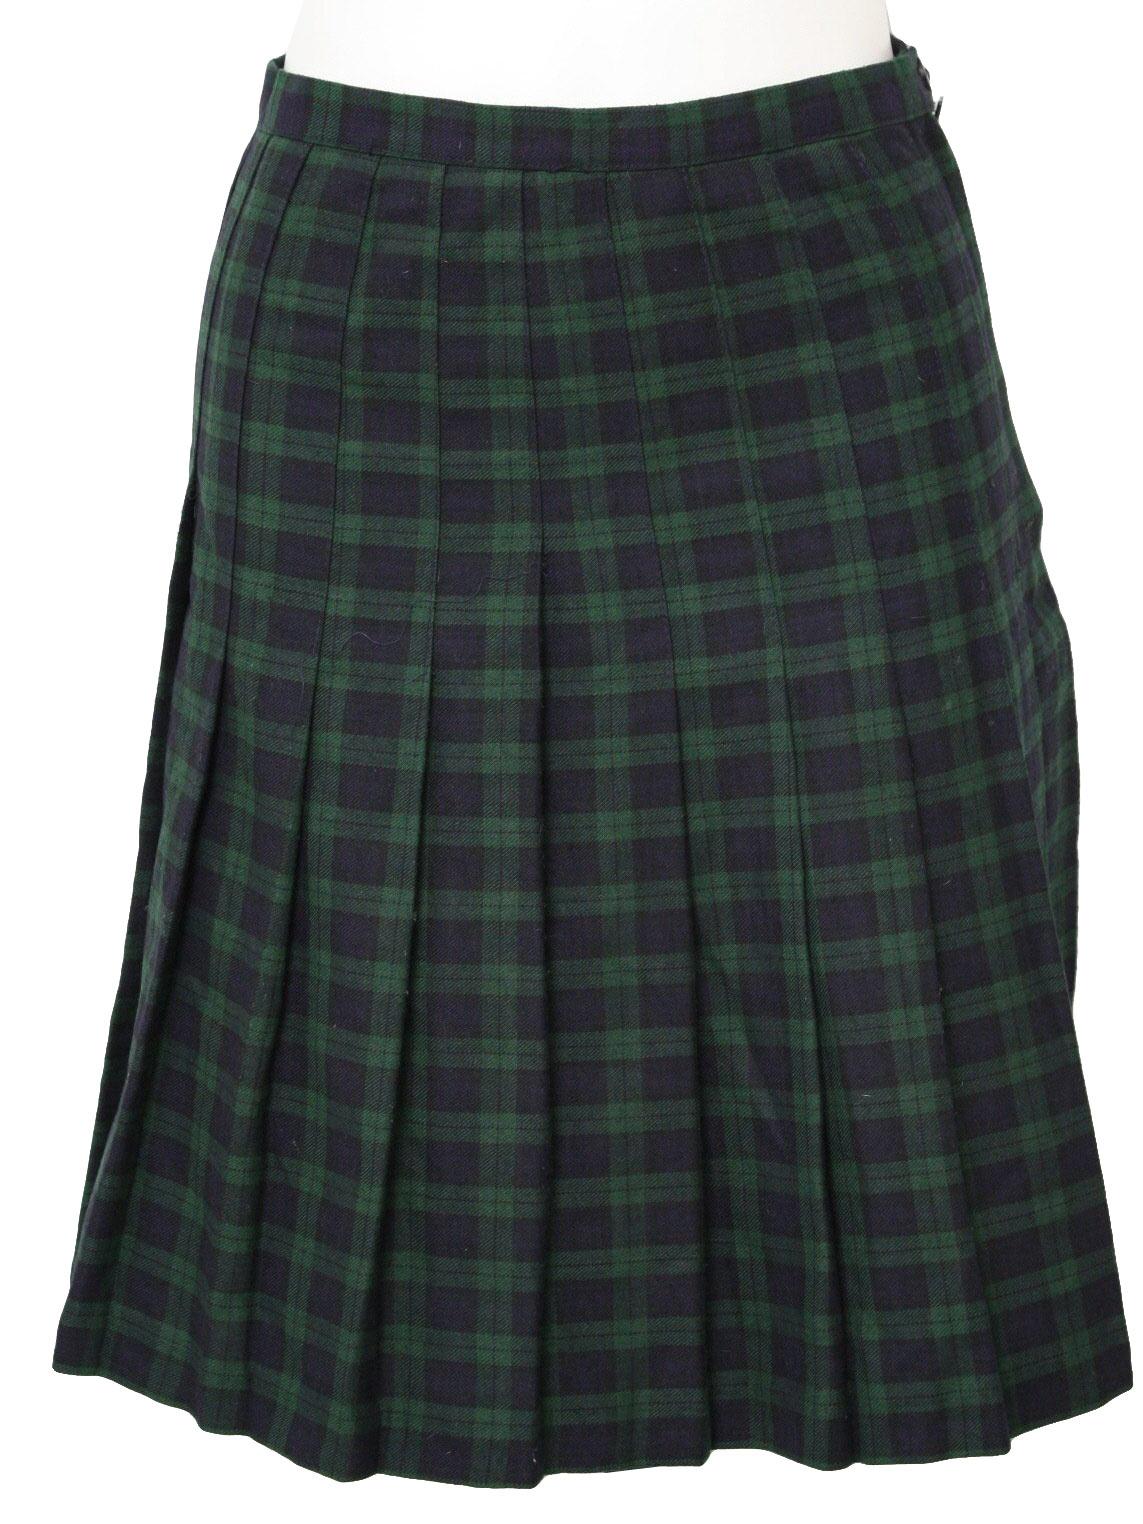 1990 s retro plaid skirt 90s hillard and hanson womens